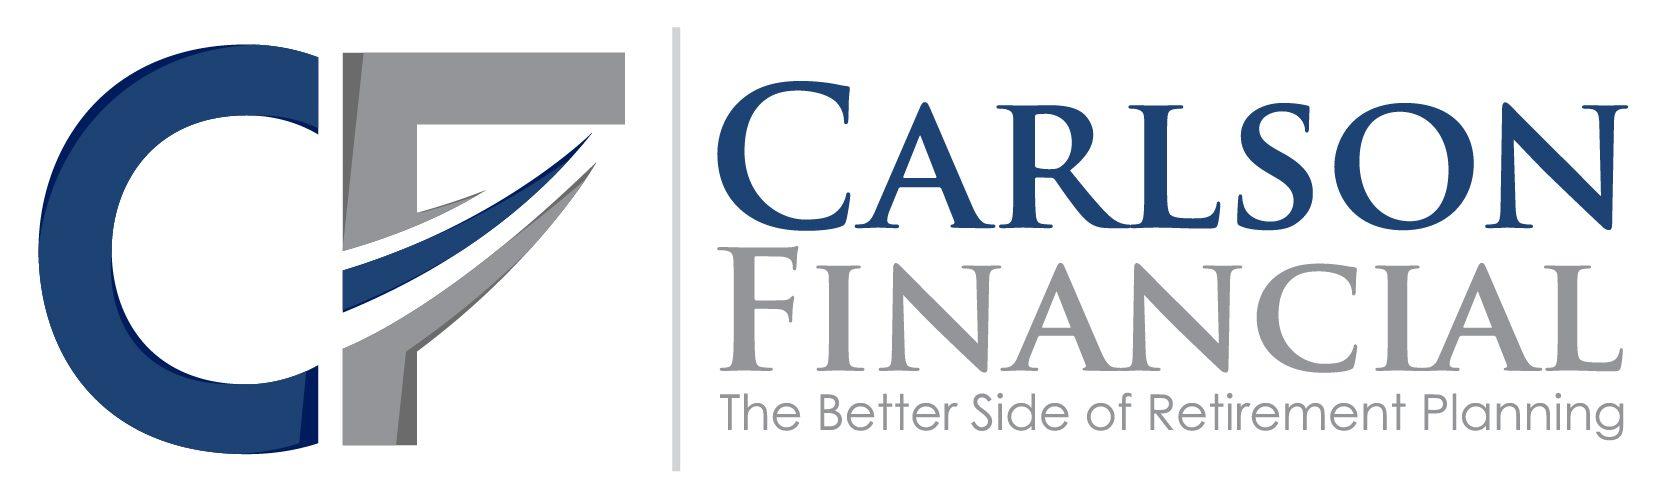 OL Carlson Financial-01